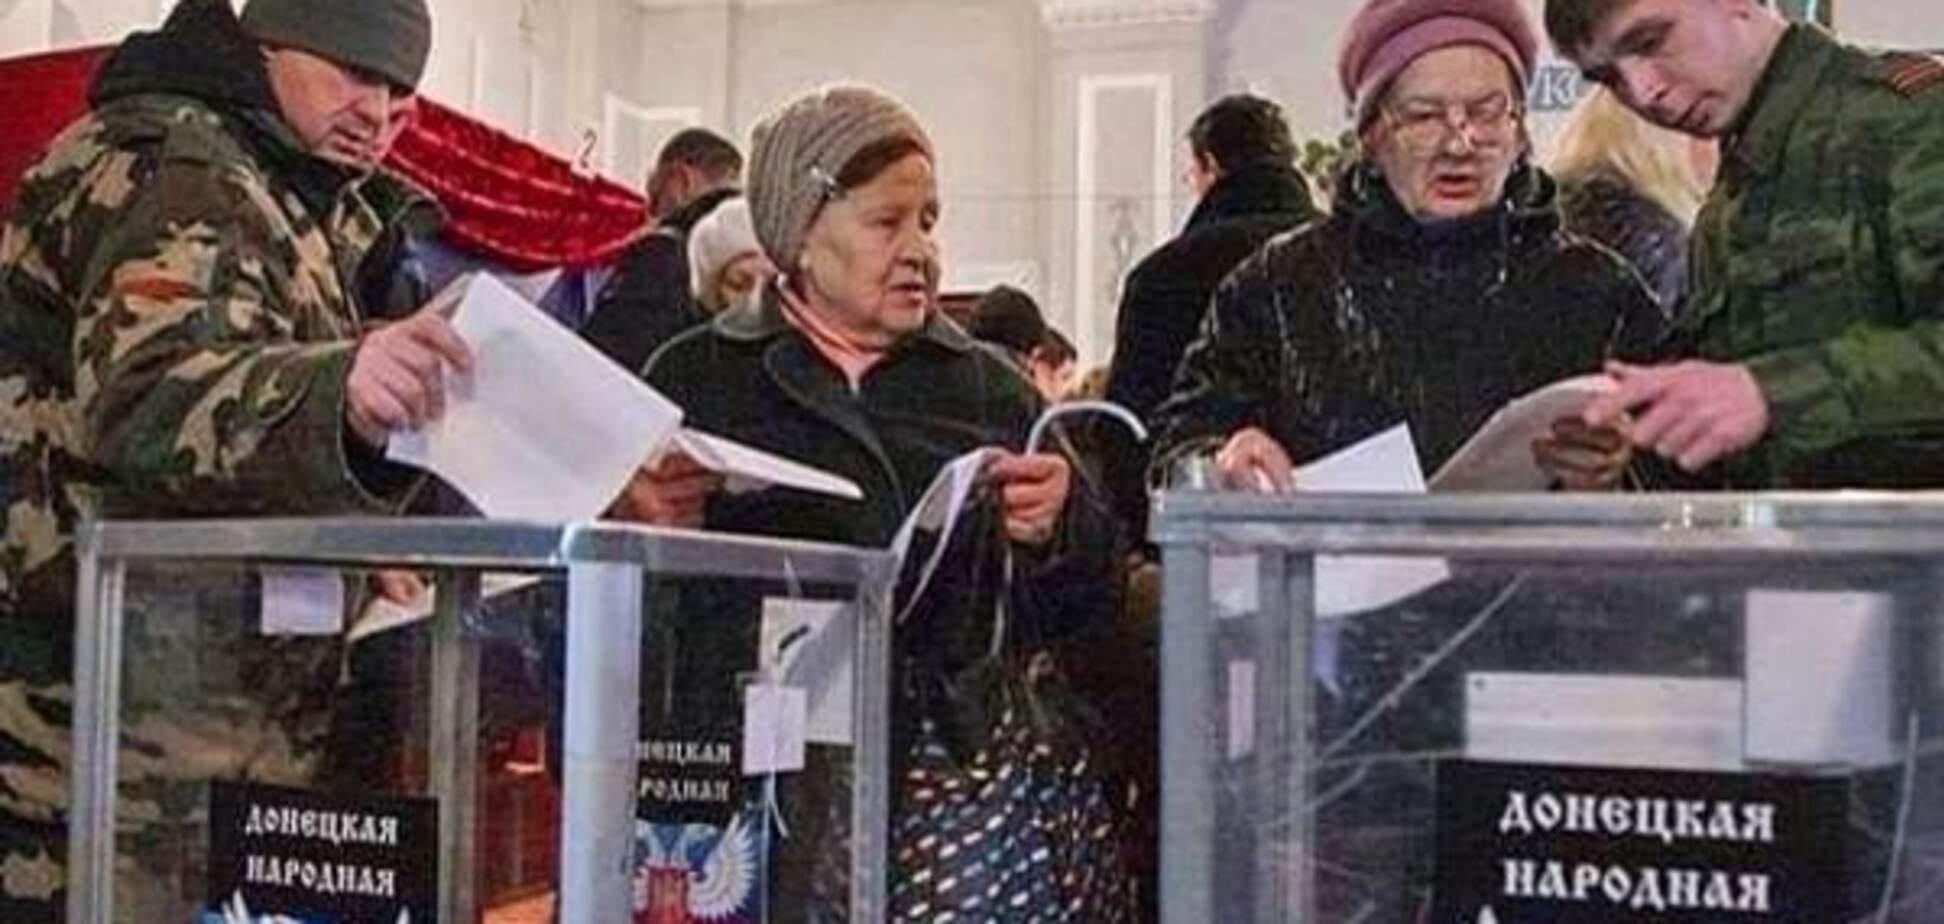 На 'вибори' у 'ДНР' йдуть колишні члени Партії регіонів - ЗМІ